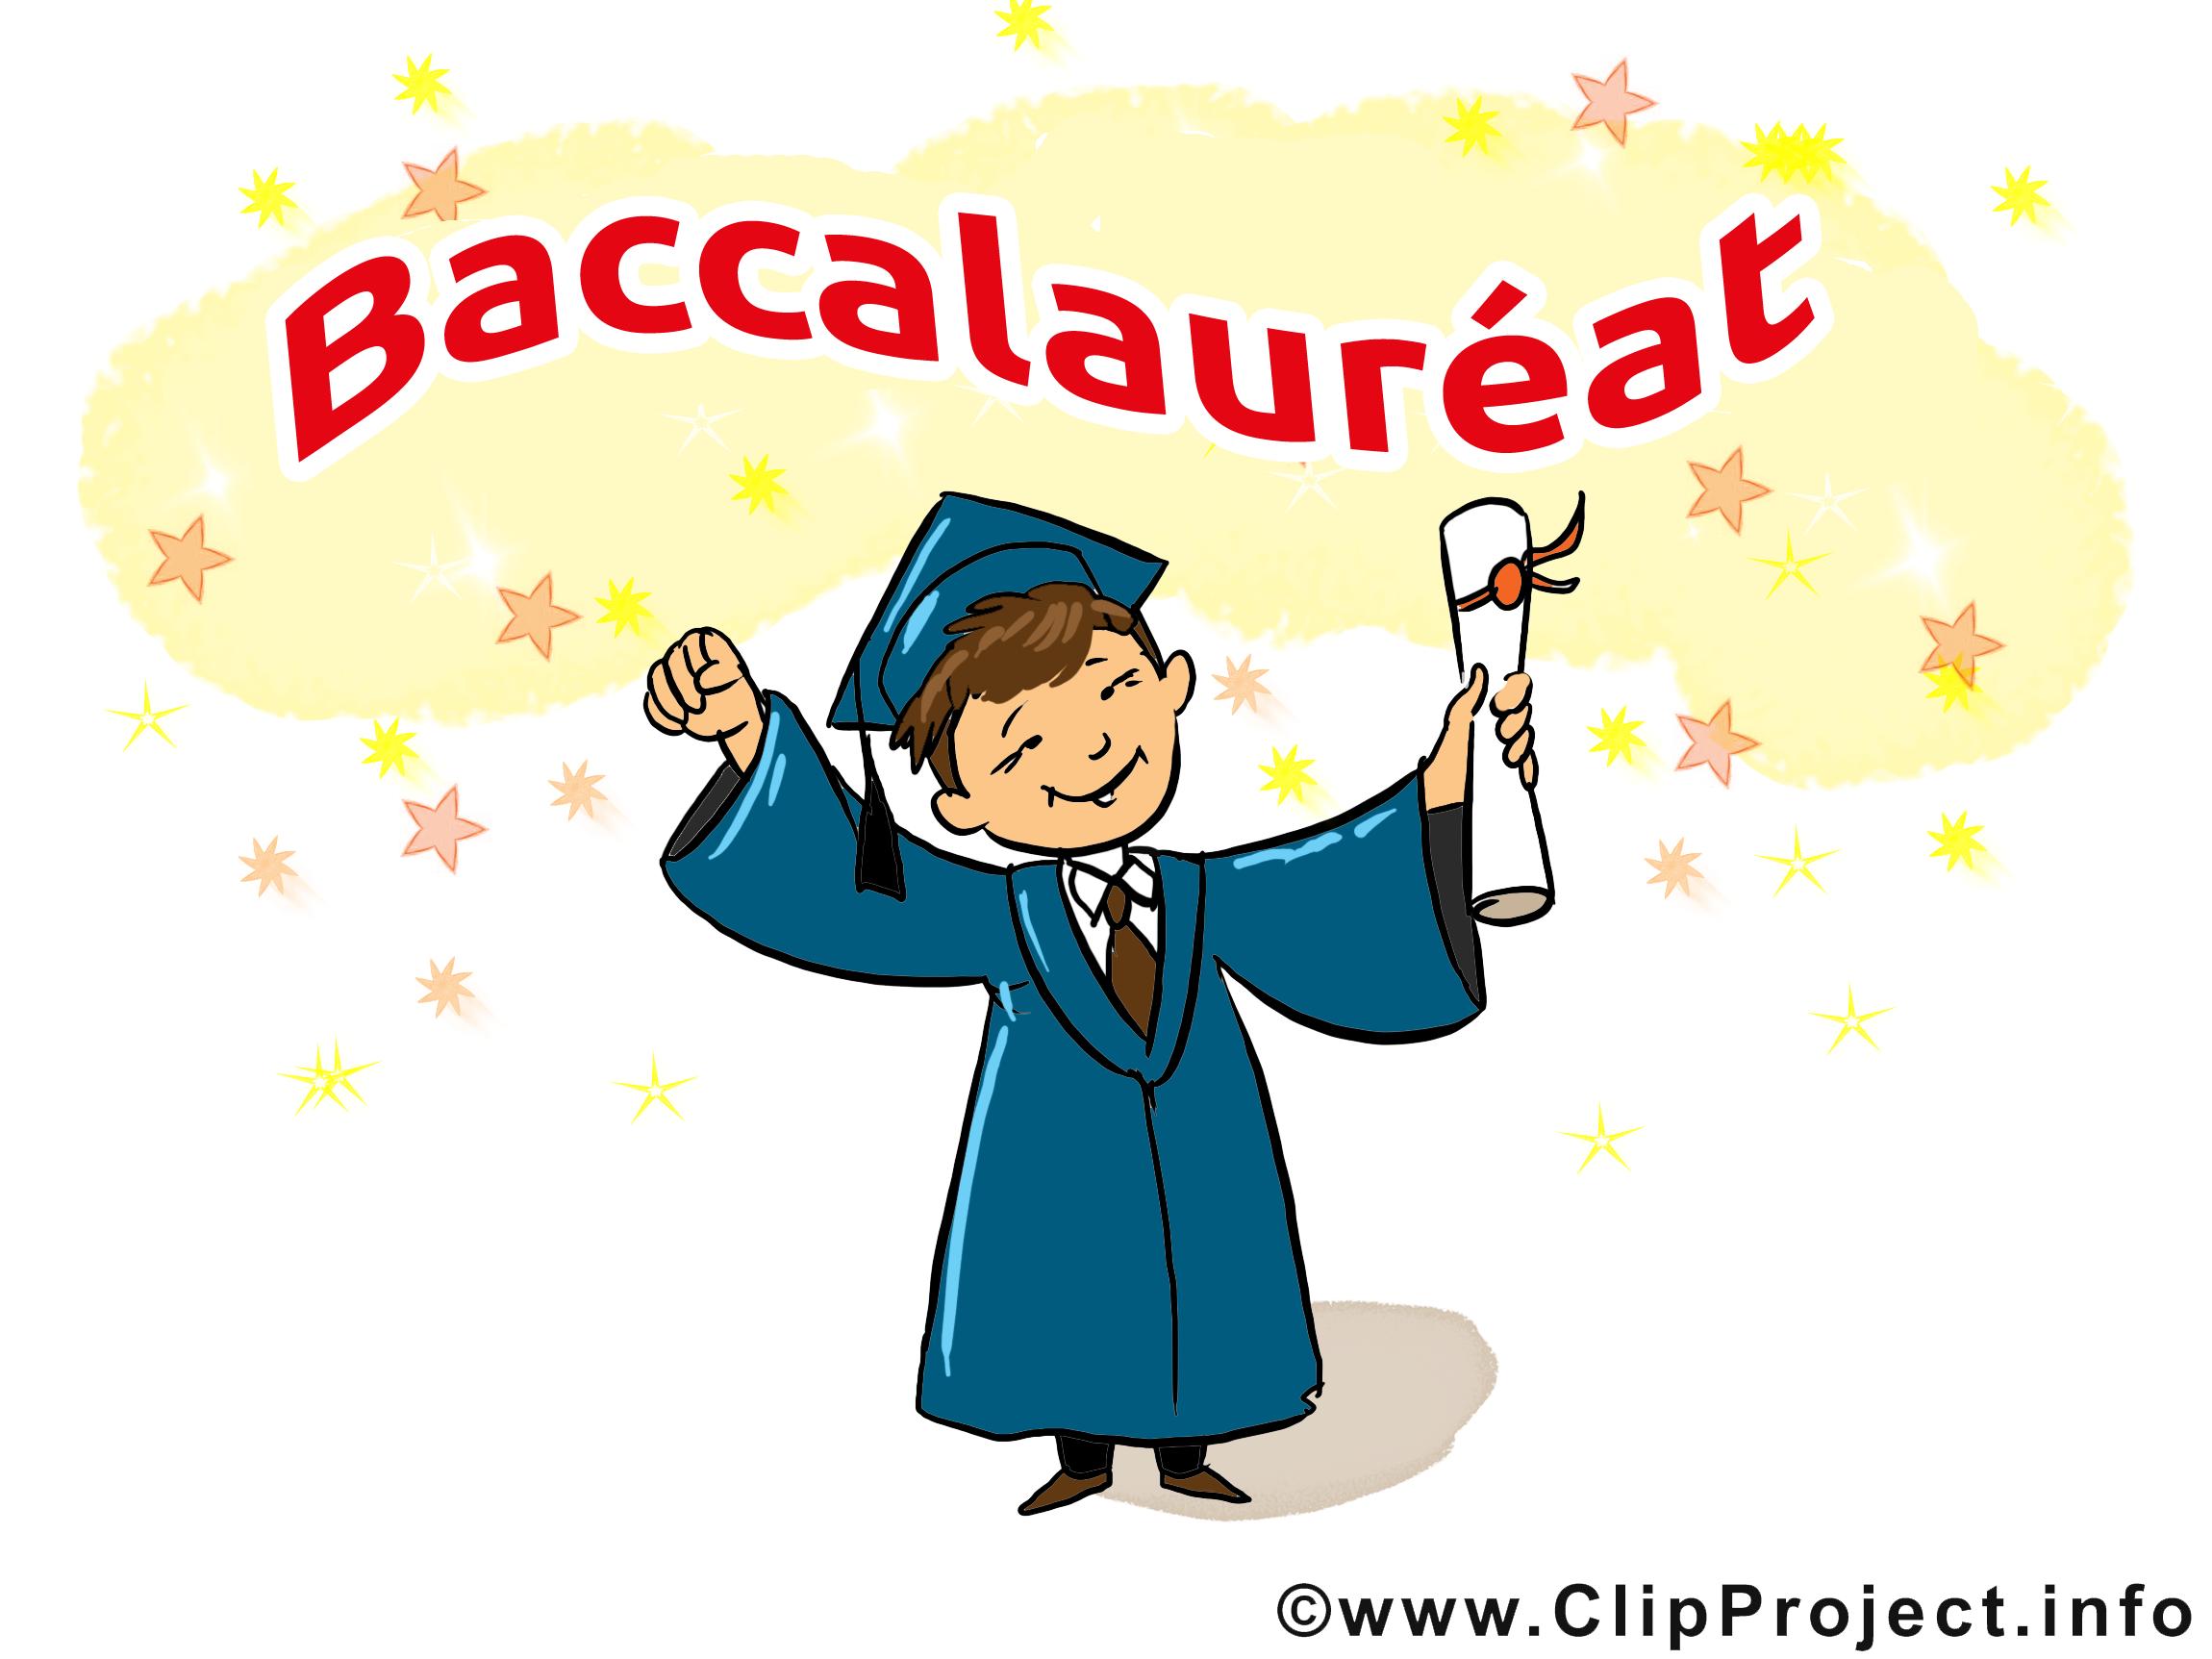 Diplôme image gratuite – Baccalauréat cliparts